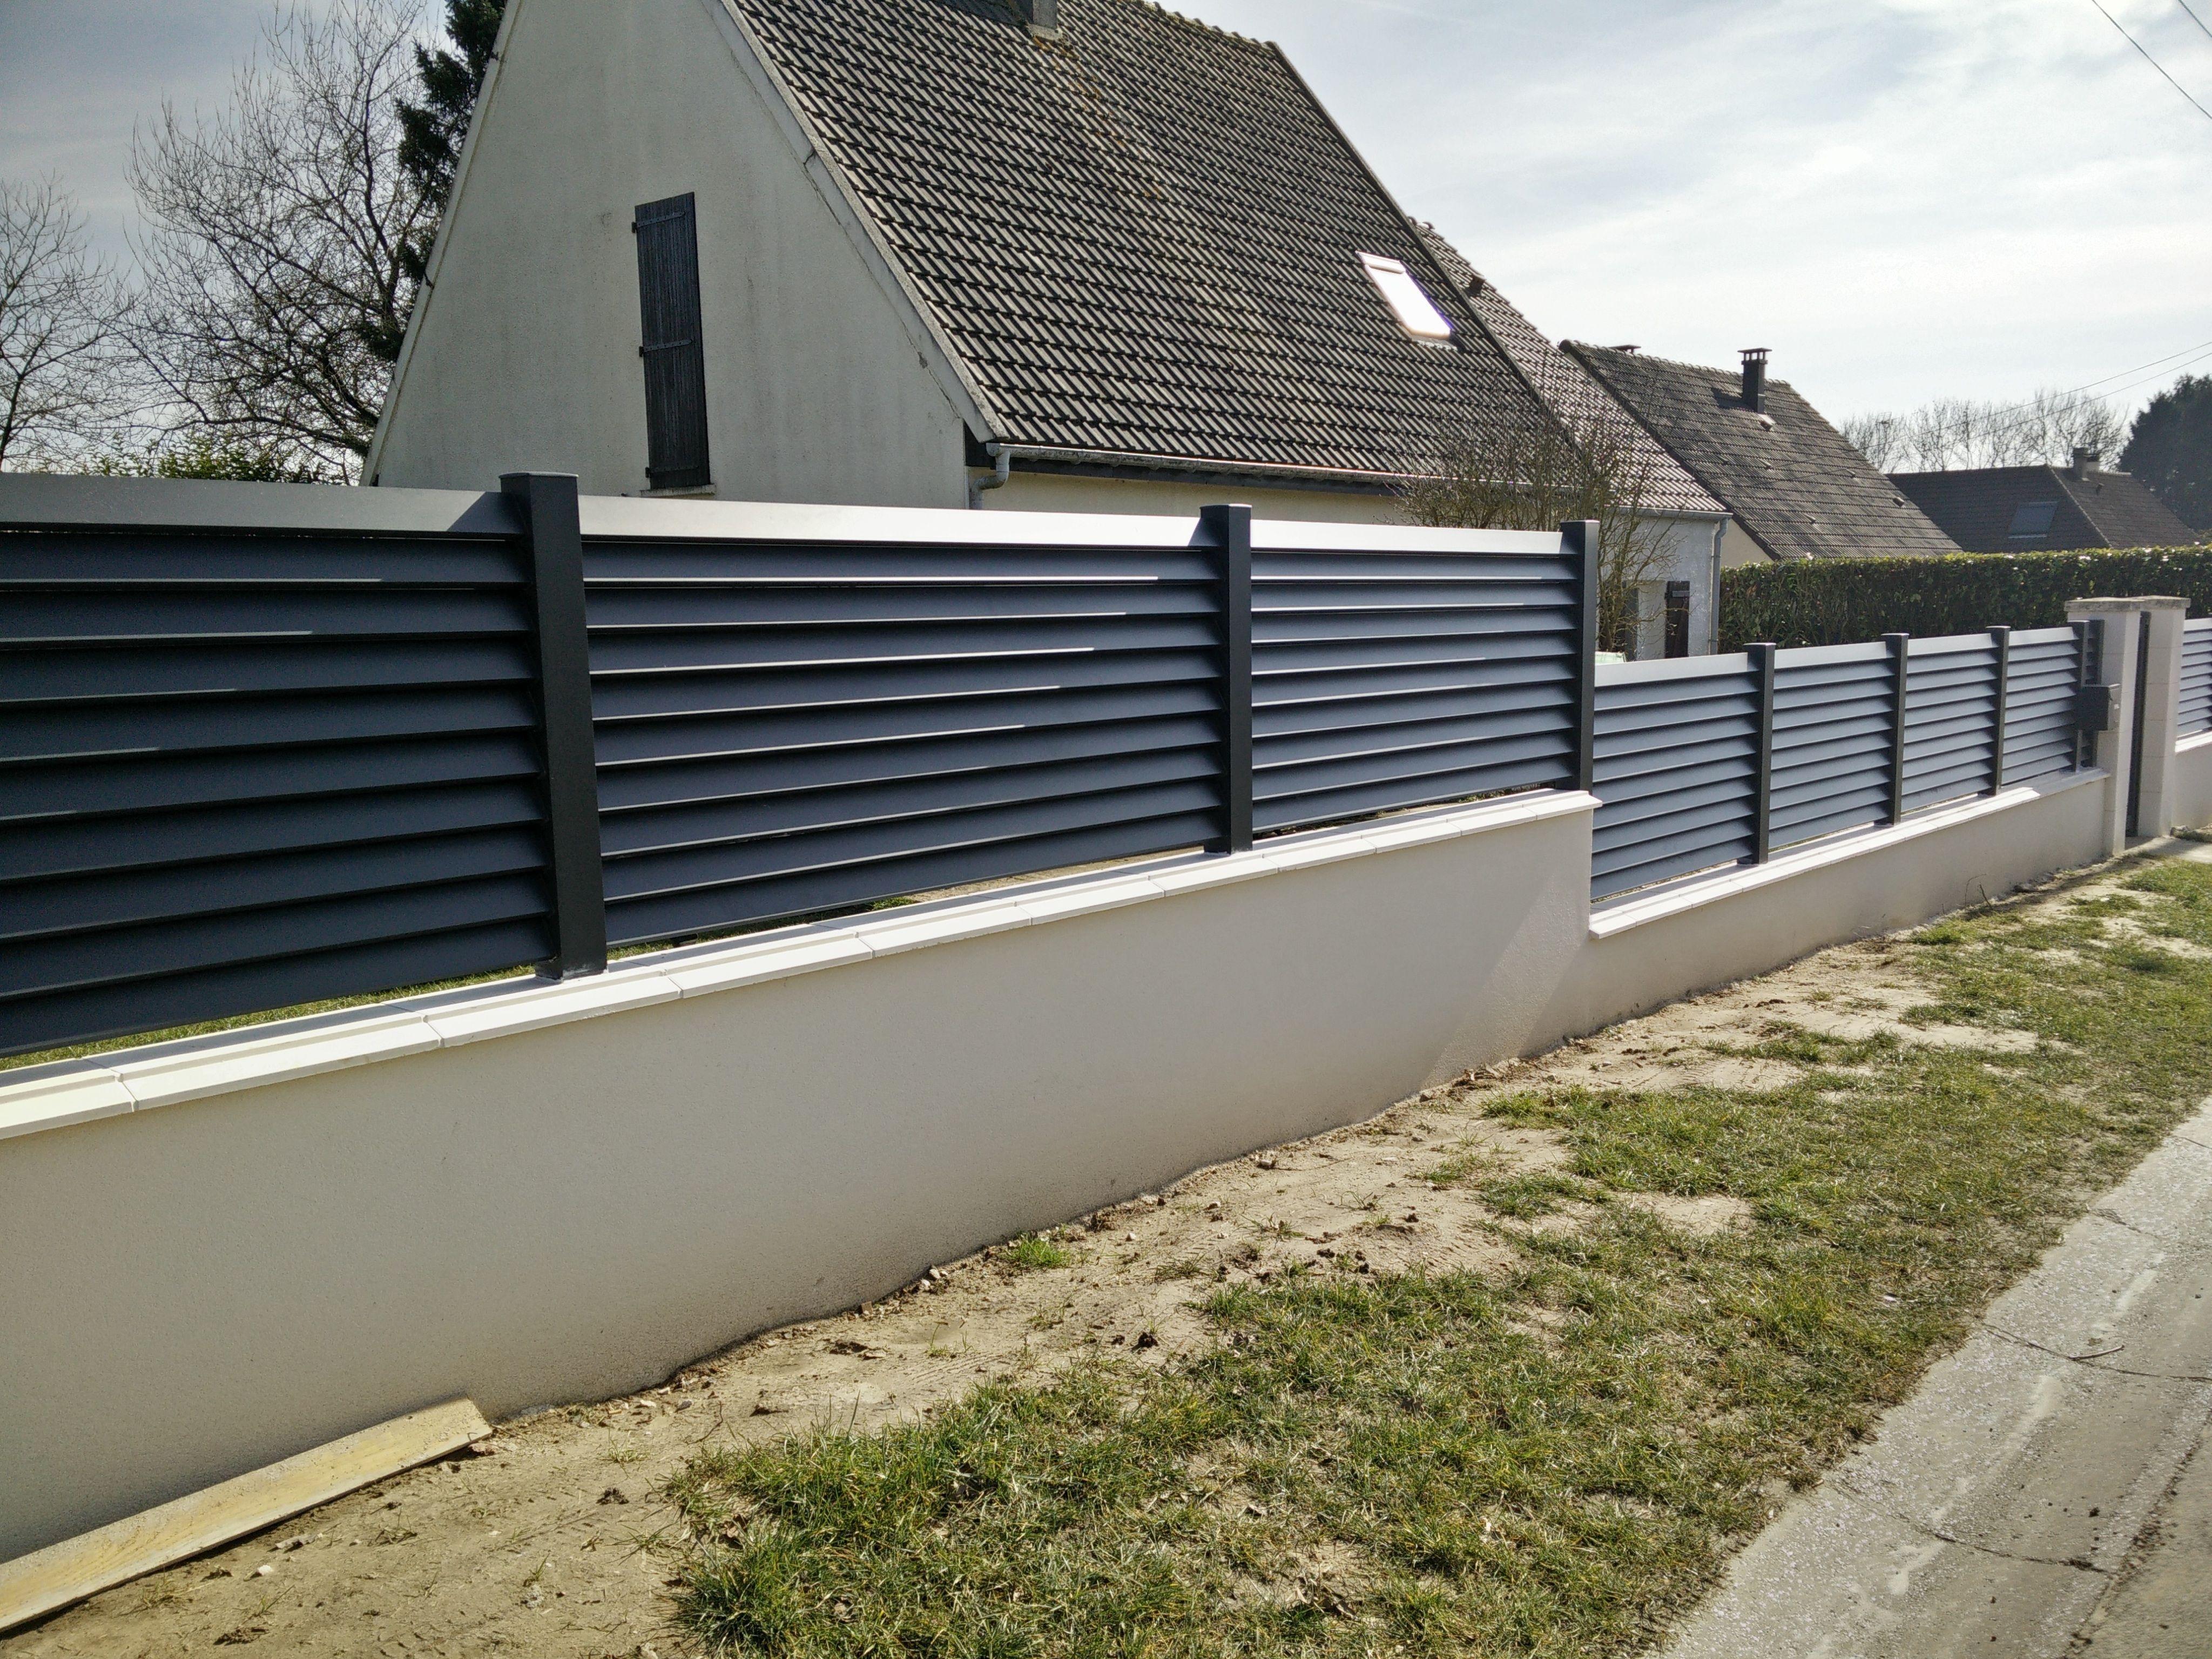 Zaunmontage Aluminiumgrau Anthrazit Oise Diseño De Cercas Cierres De Fincas Vallas Metálicas